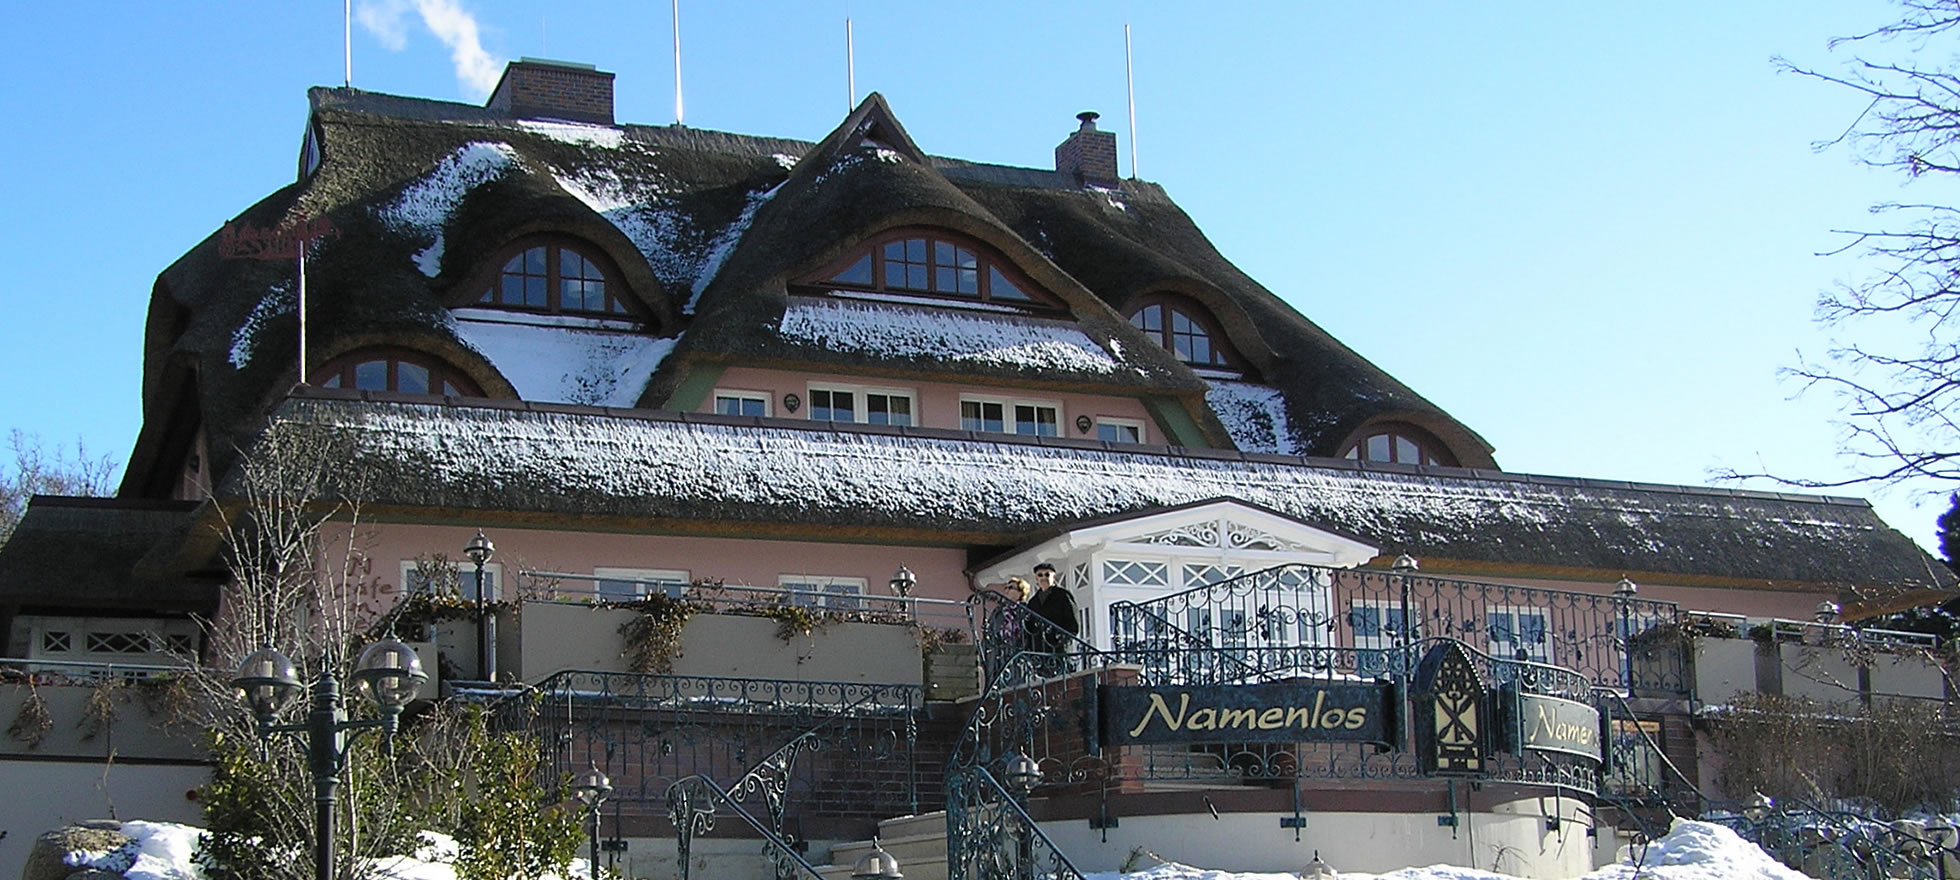 Hotel Namenlos im Winter, Seeseite